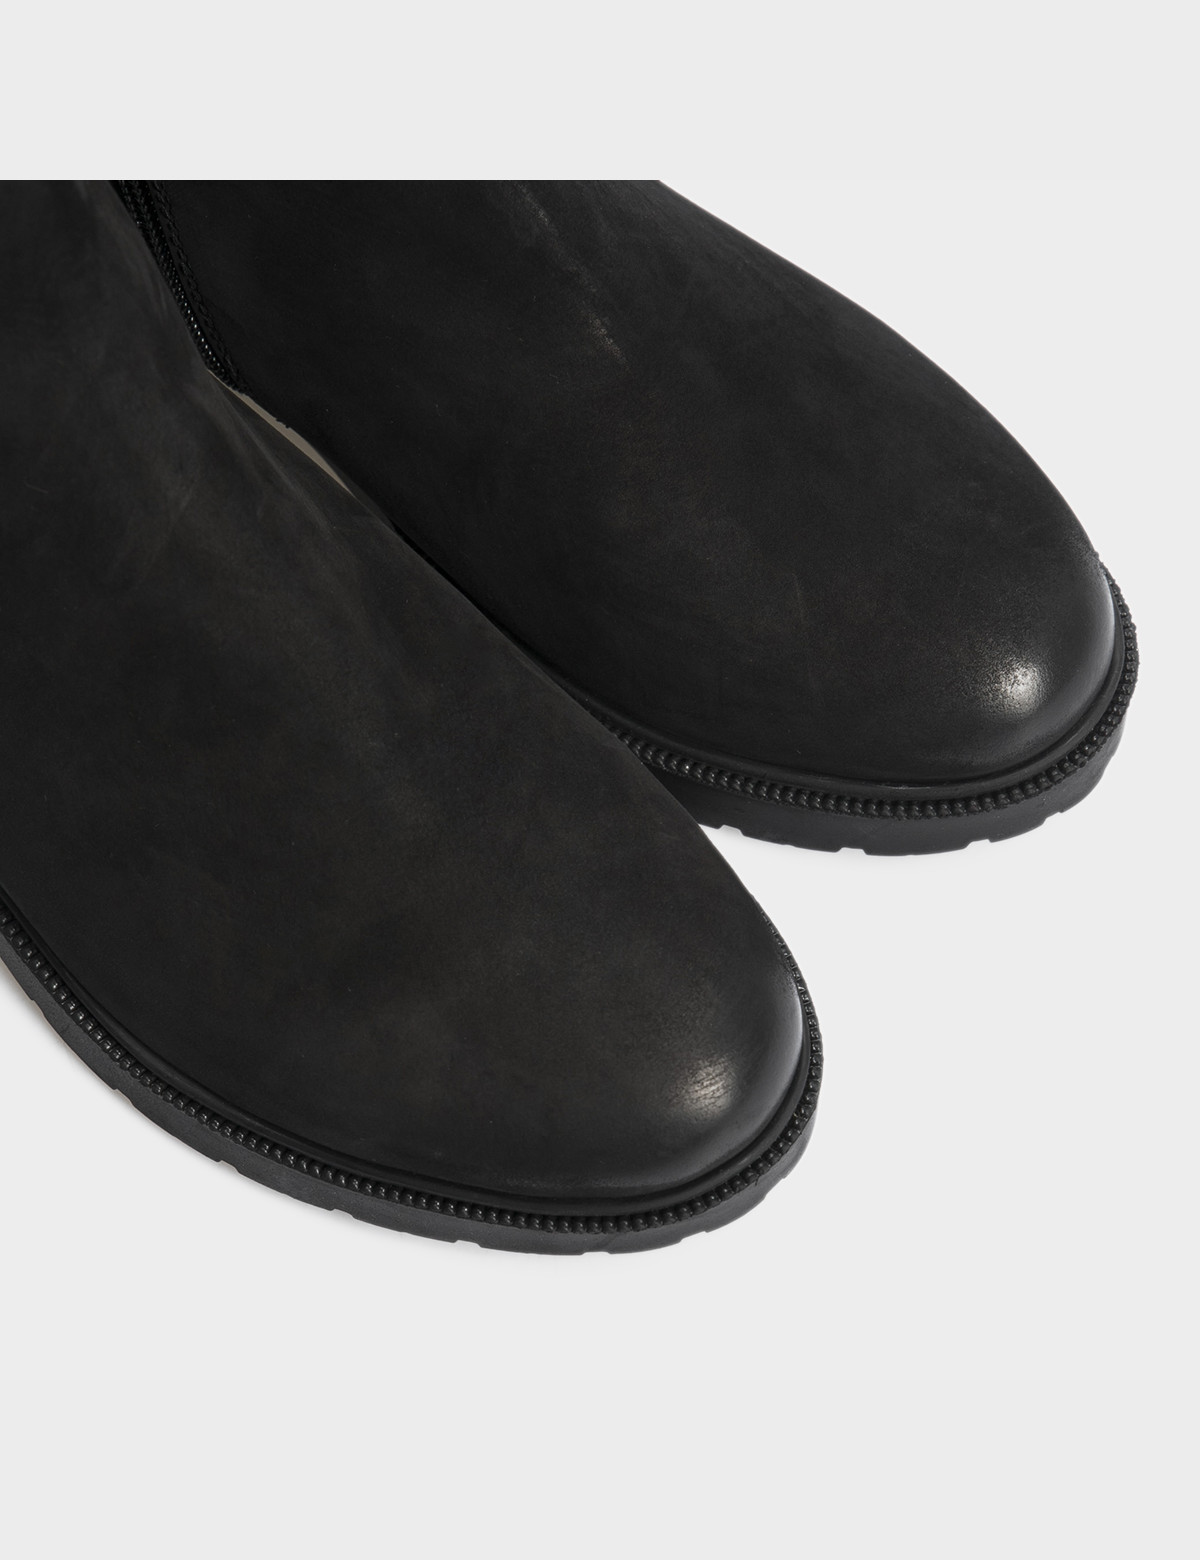 Ботинки черные натуральный нубук. Шерсть4